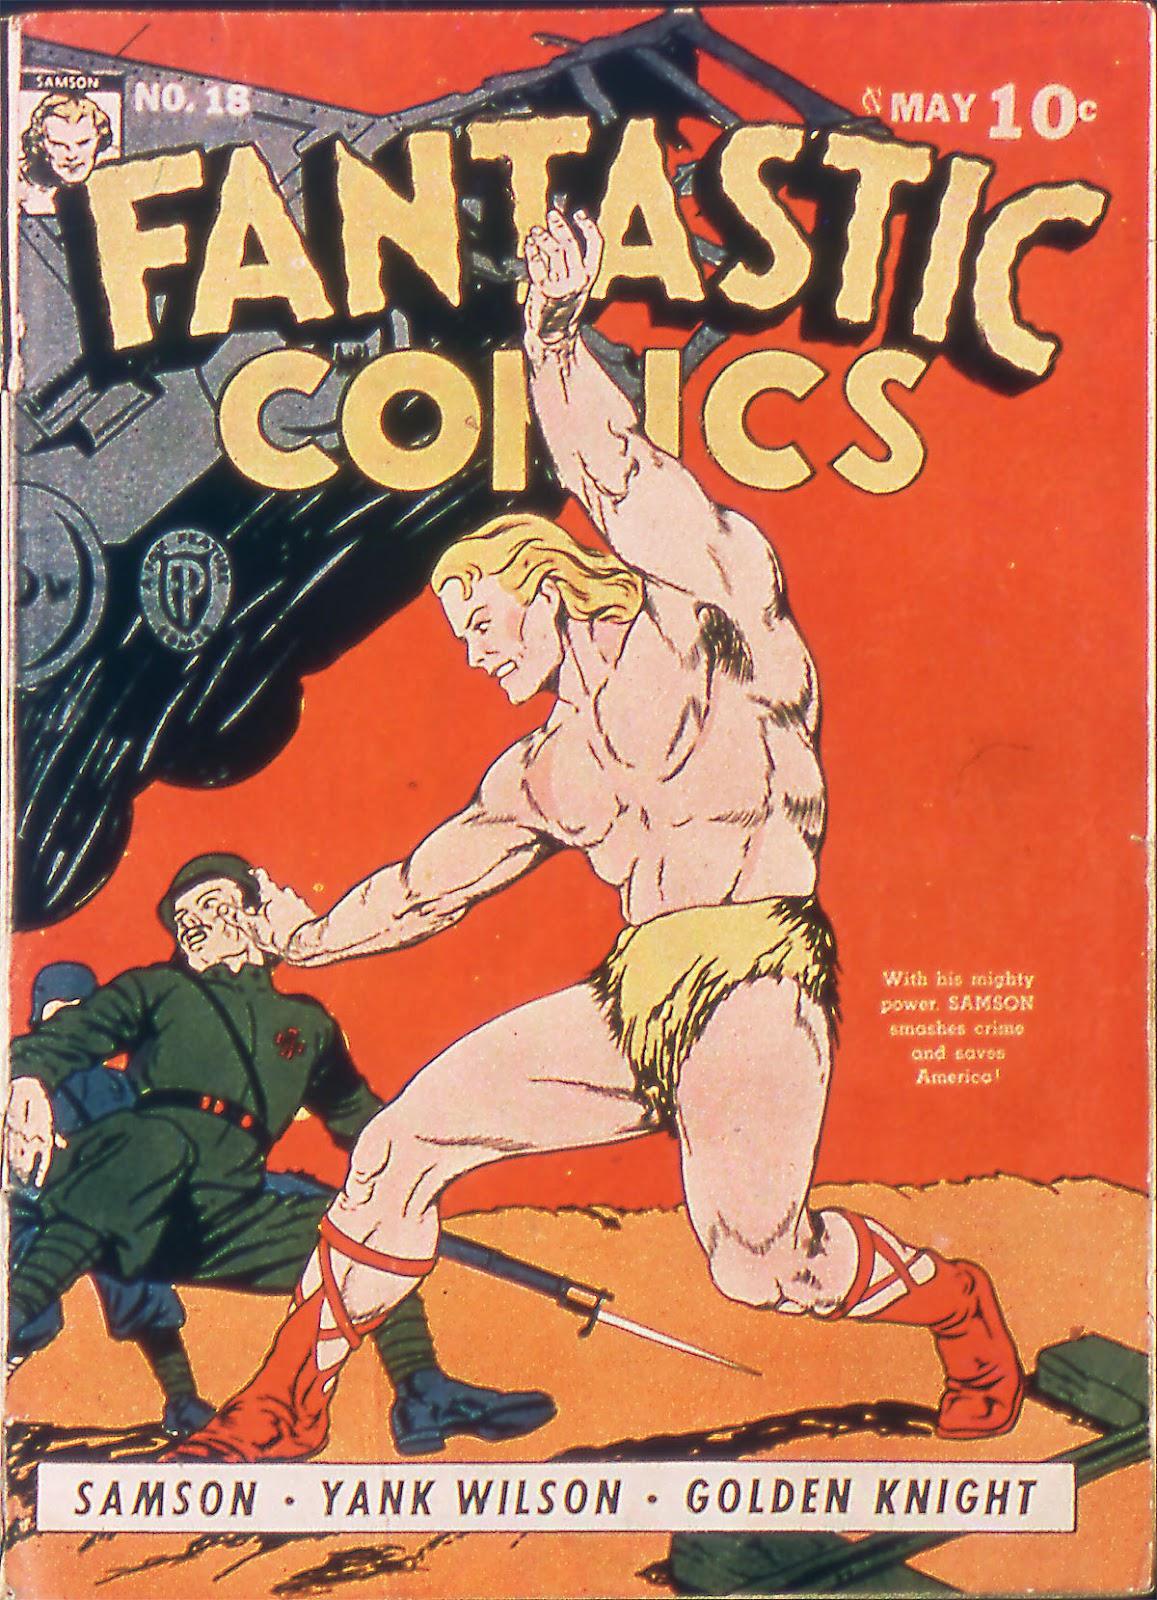 Read online Fantastic Comics comic -  Issue #18 - 1